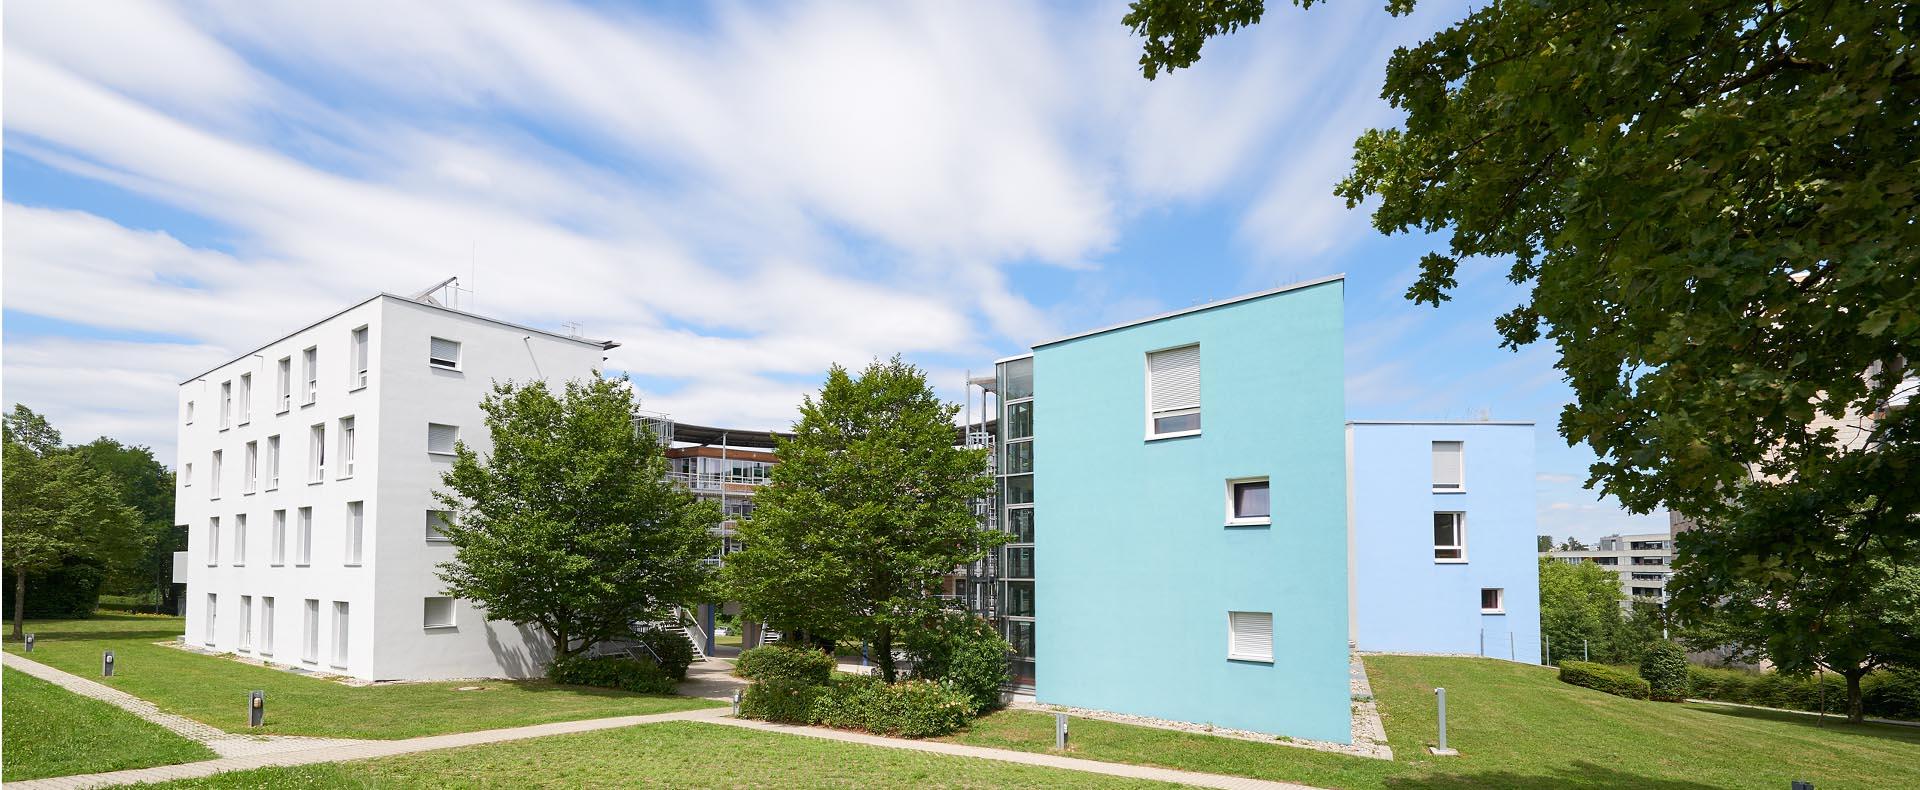 Sanierung inklusive Fenstertausch in bewohntem Zustand